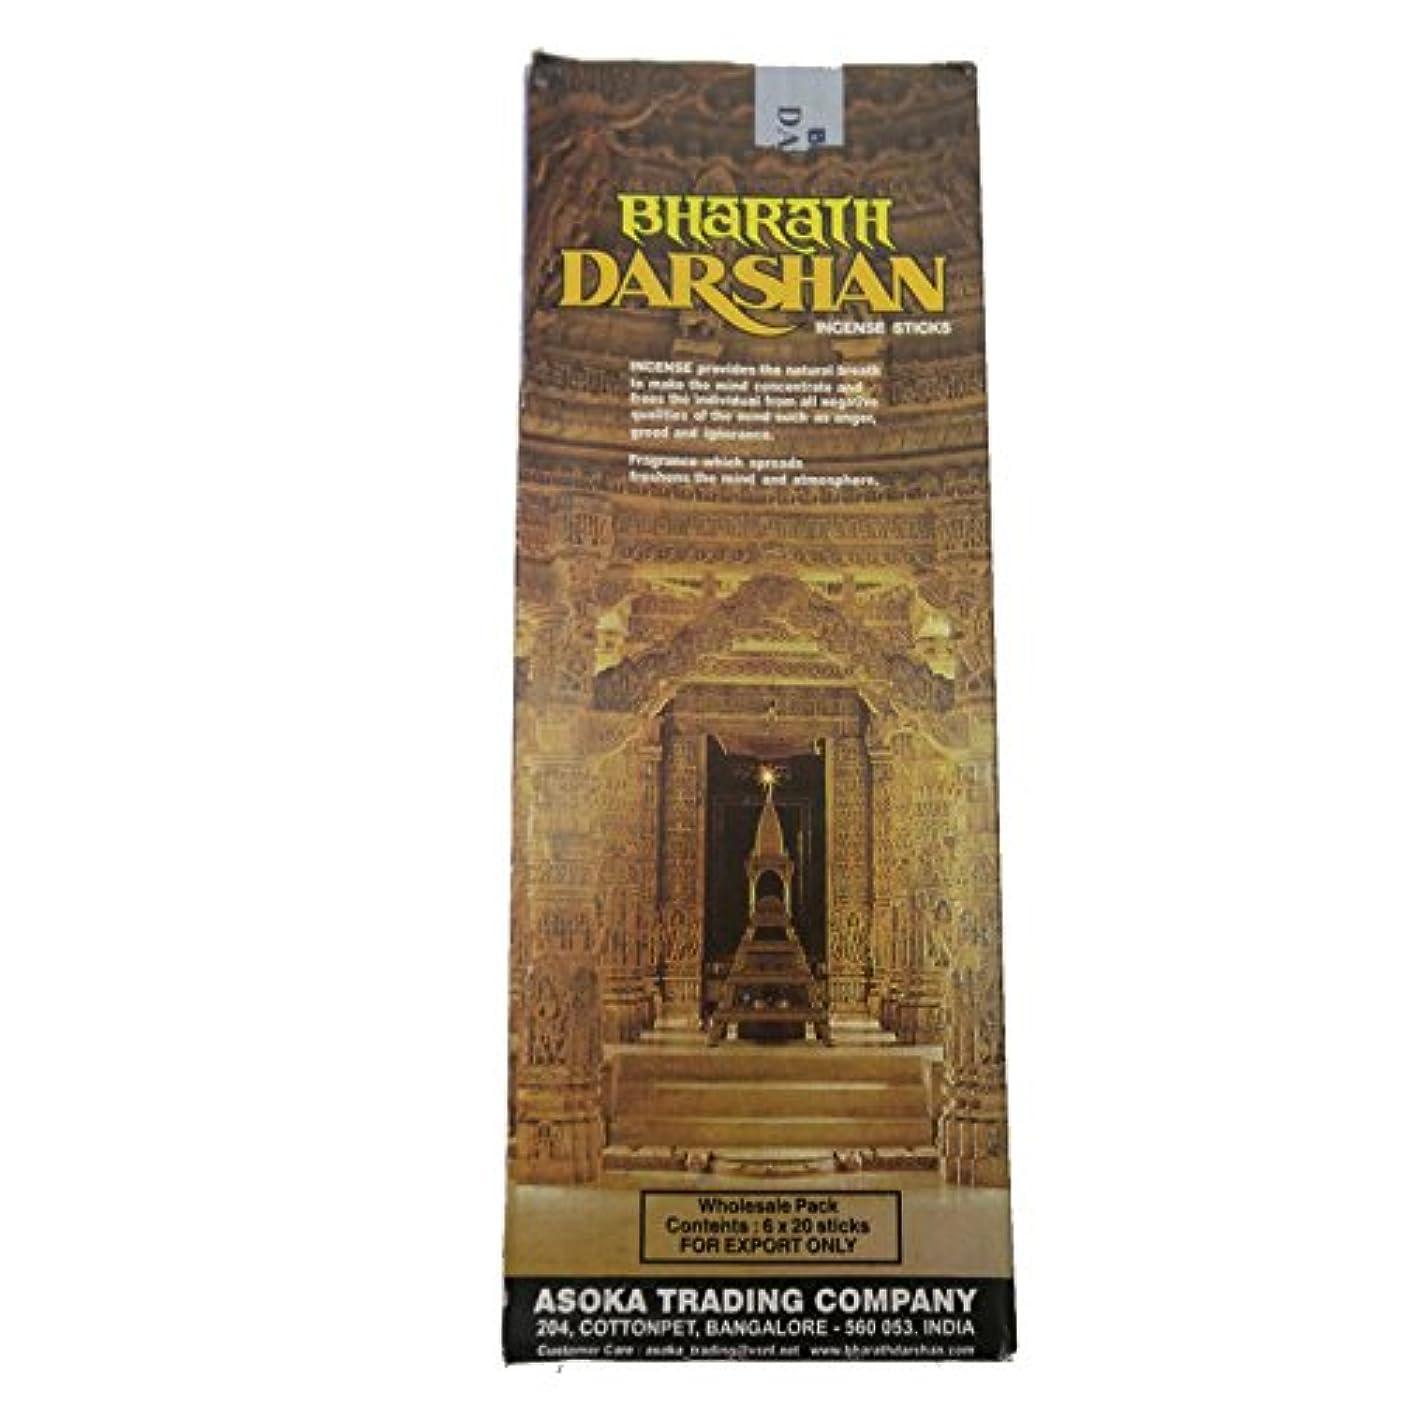 集中的な作業シャツASHOKA TRADING BHARATH DARSHAN バーラト?ダルシャンスティック香 6箱入り